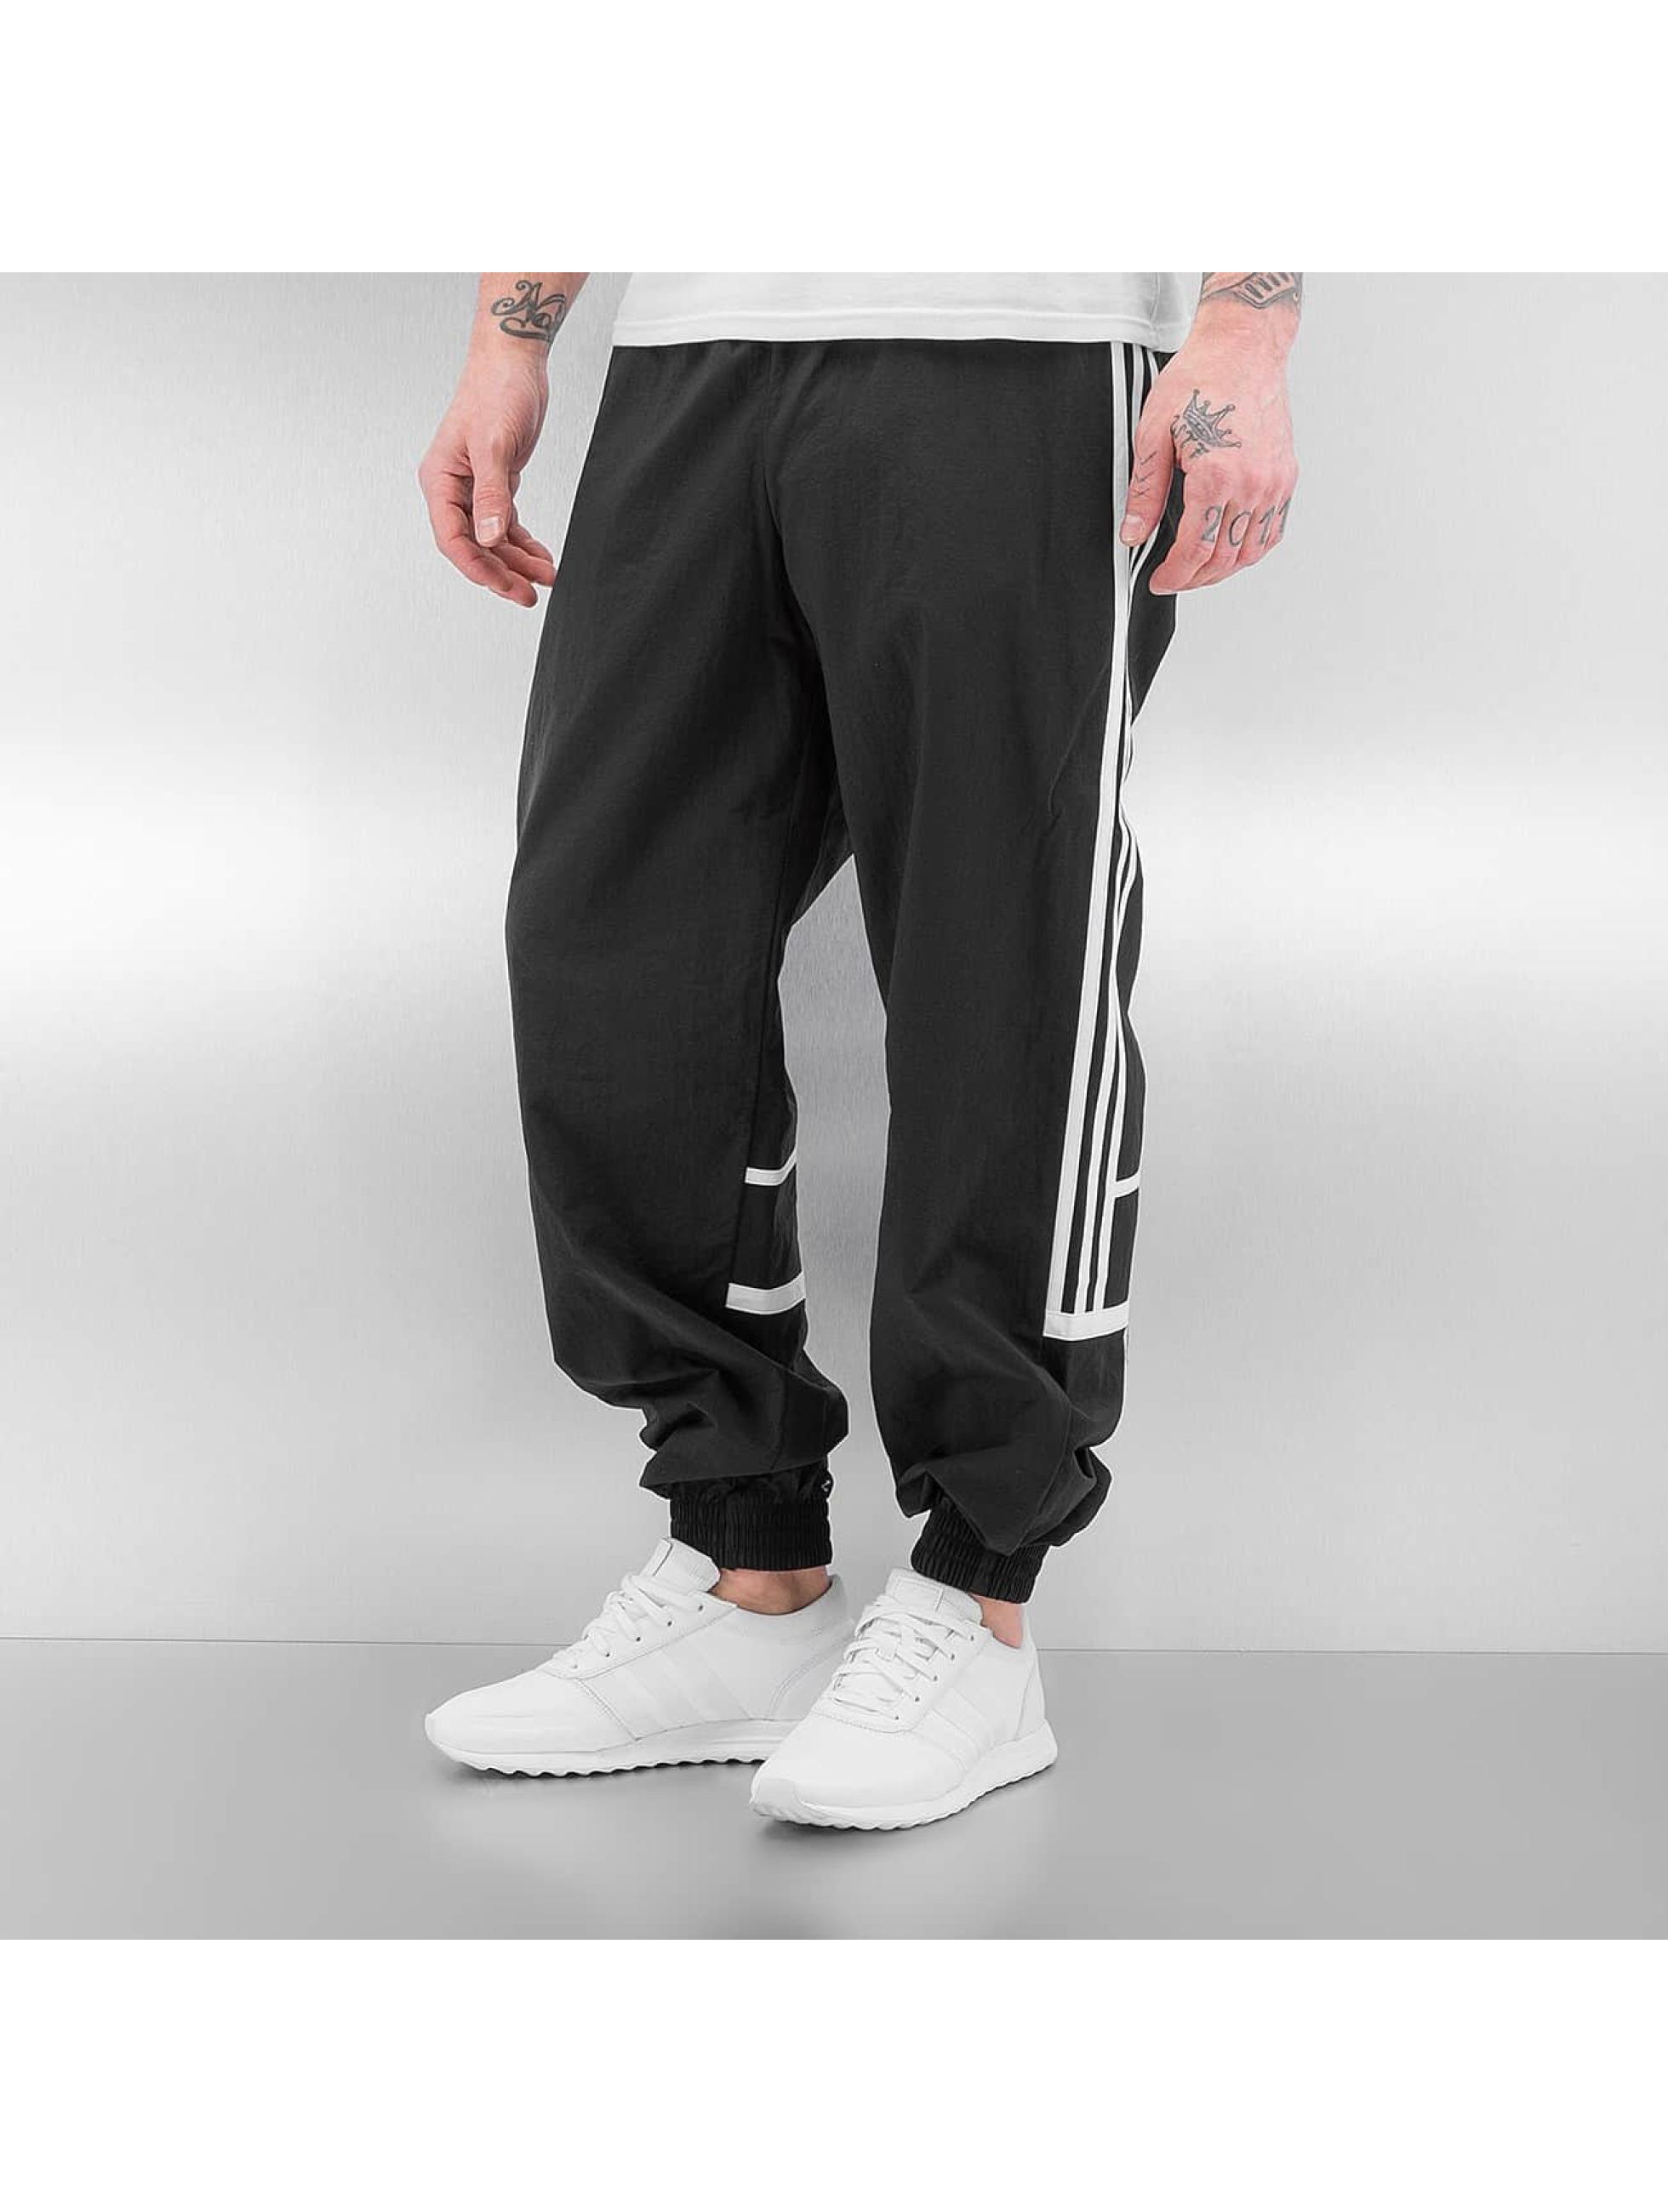 adidas Pantalon / Jogging CLR84 Woven Tracktop en noir